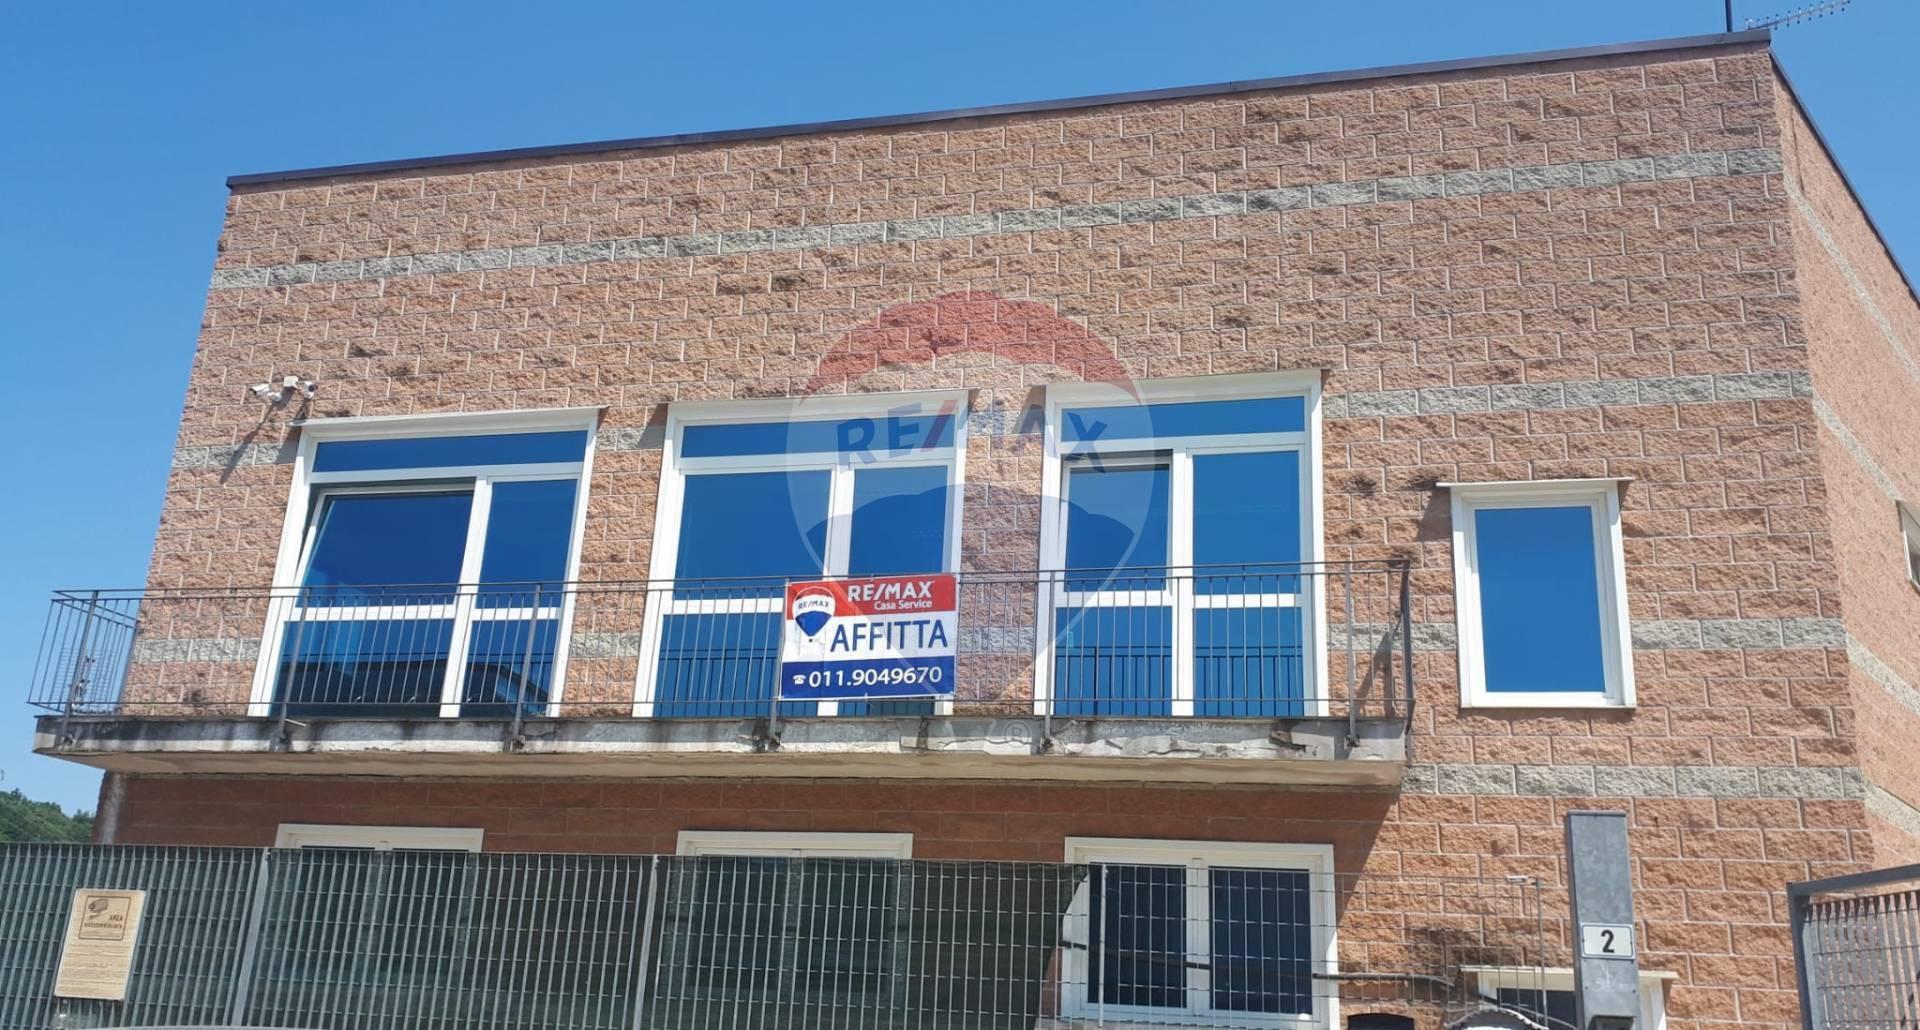 Ufficio / Studio in affitto a Trana, 9999 locali, prezzo € 500   CambioCasa.it